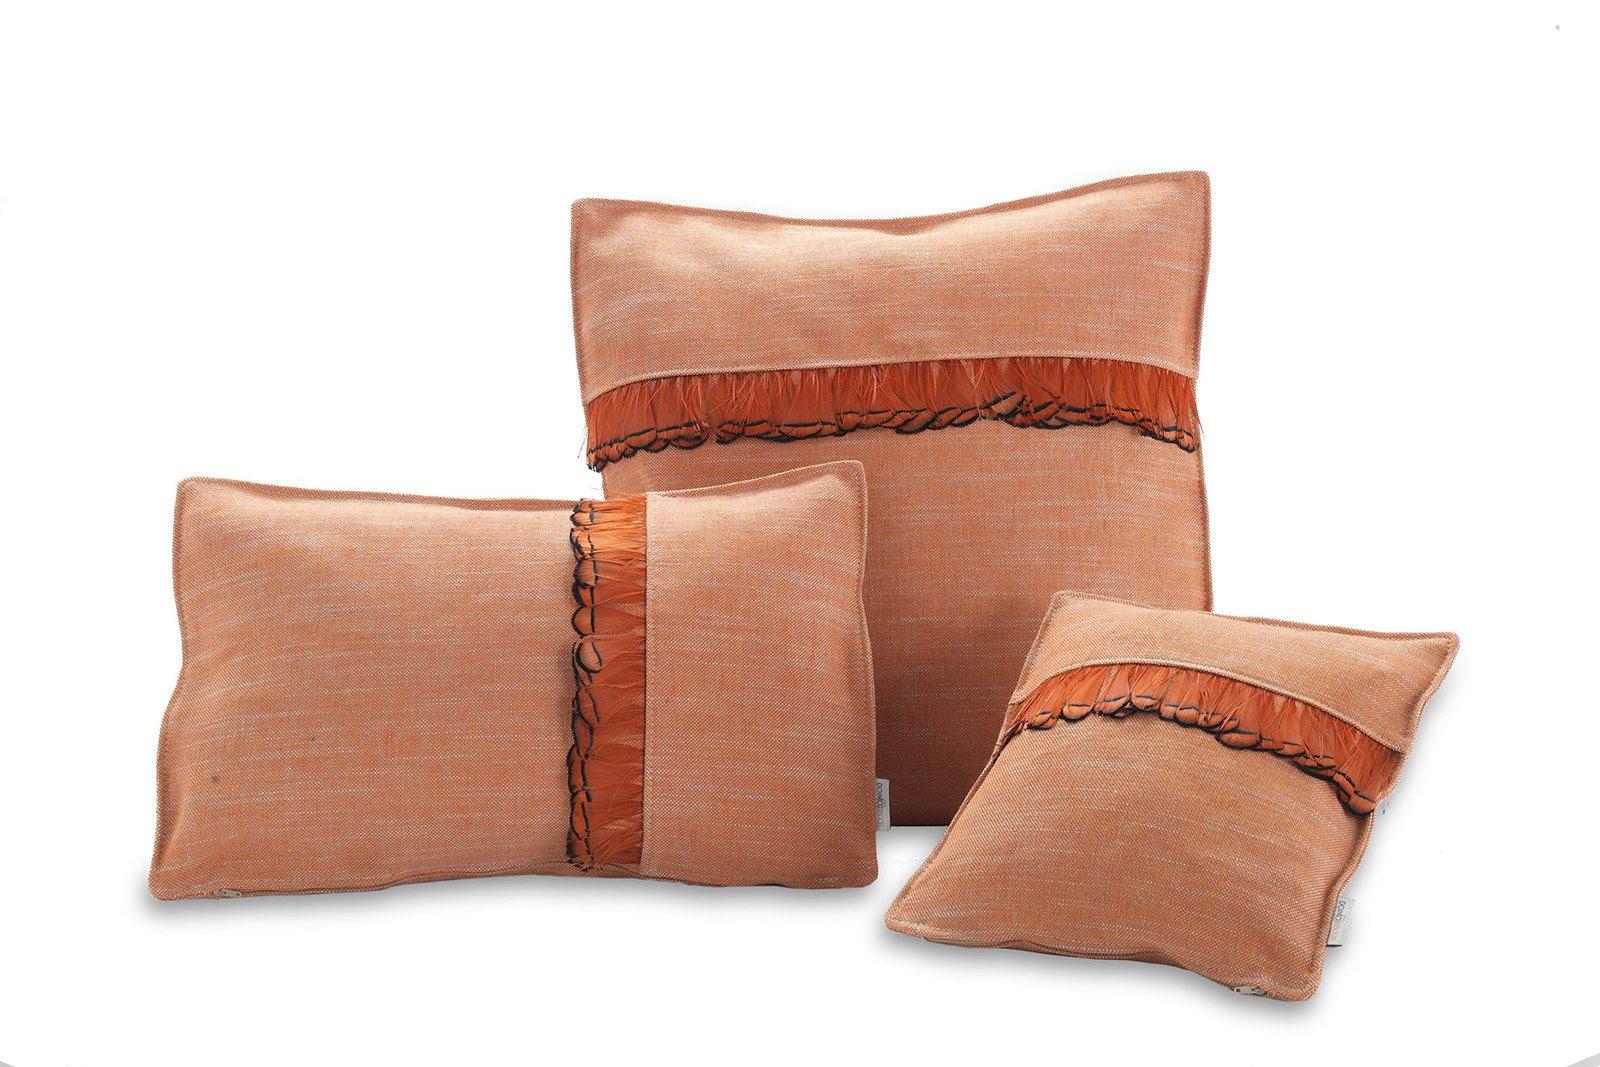 Divano Arancione E Marrone : Divano scuro con quali accessori lo ravvivo cose di casa